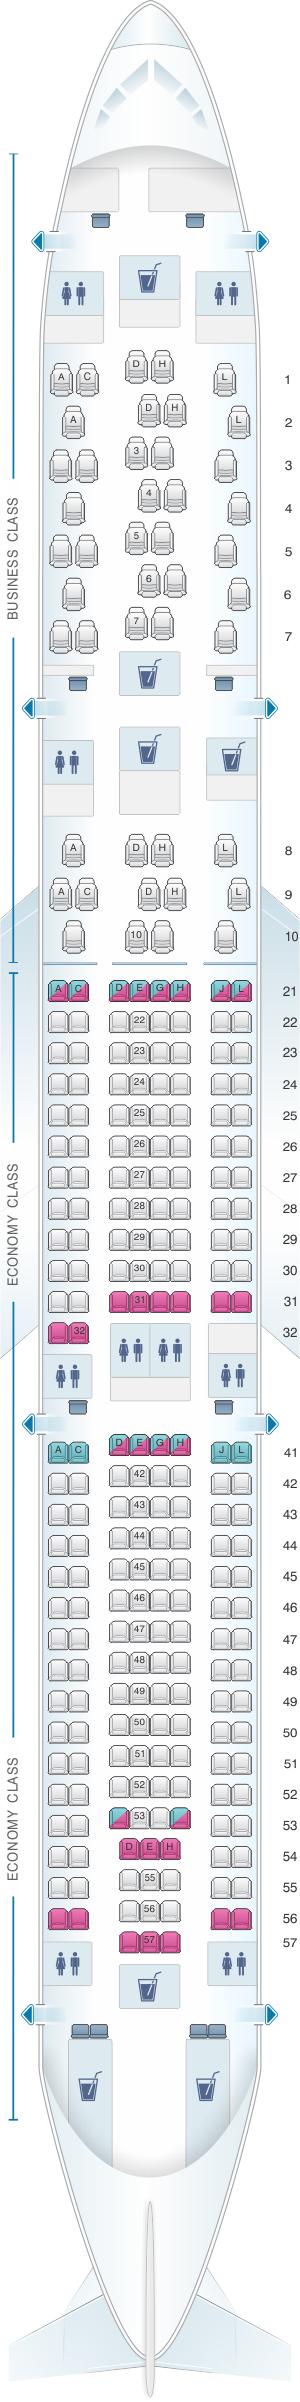 Seat Map Finnair Airbus A330 300 263pax Seatmaestro Com